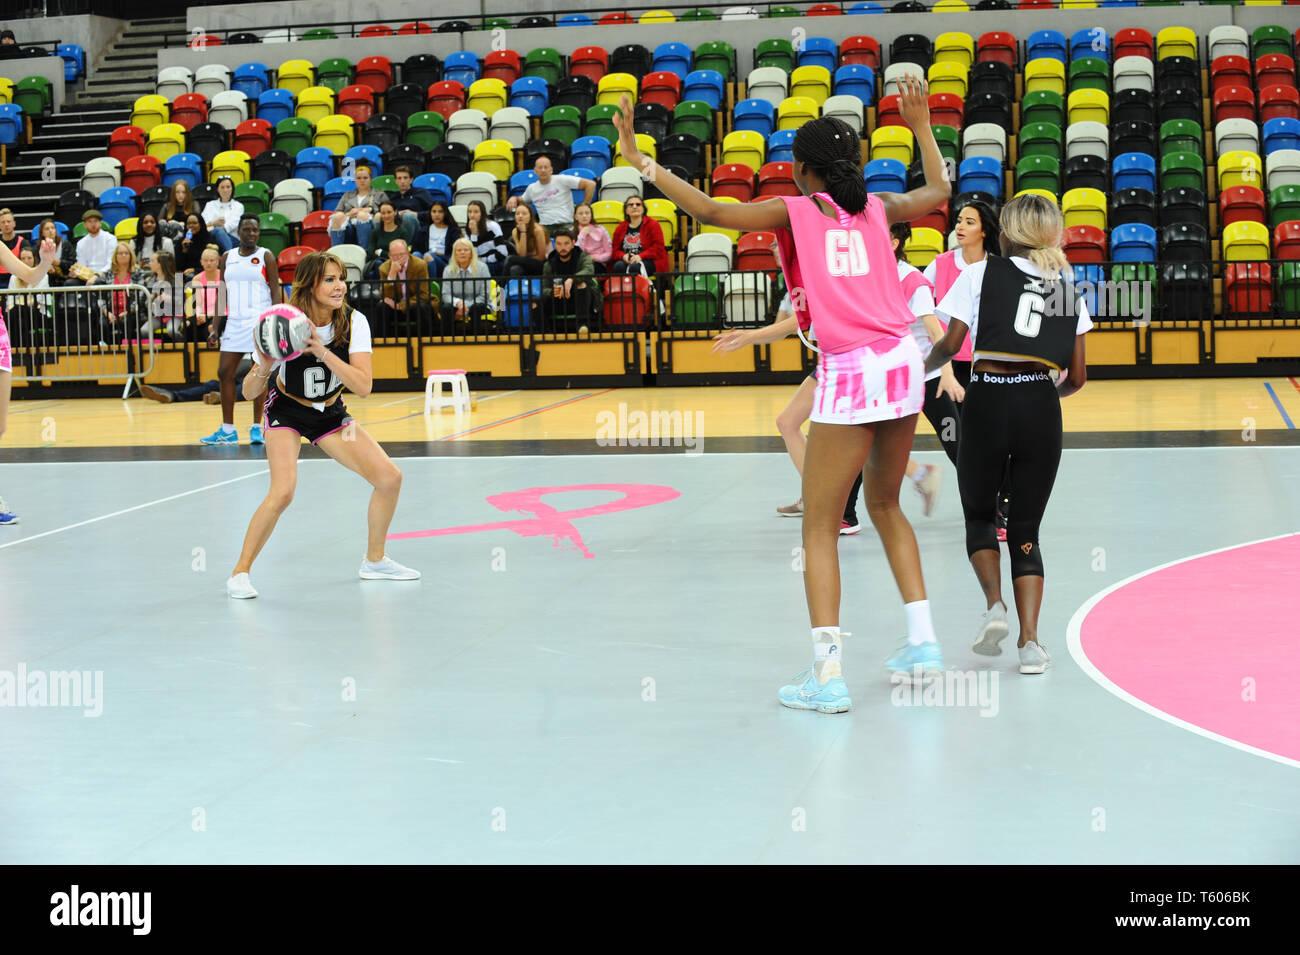 Lizzie Cundy visto in azione durante le riprese di rosa, Celebrity carità netball corrispondono alla casella di rame Olympic Park Stratford London. Immagini Stock